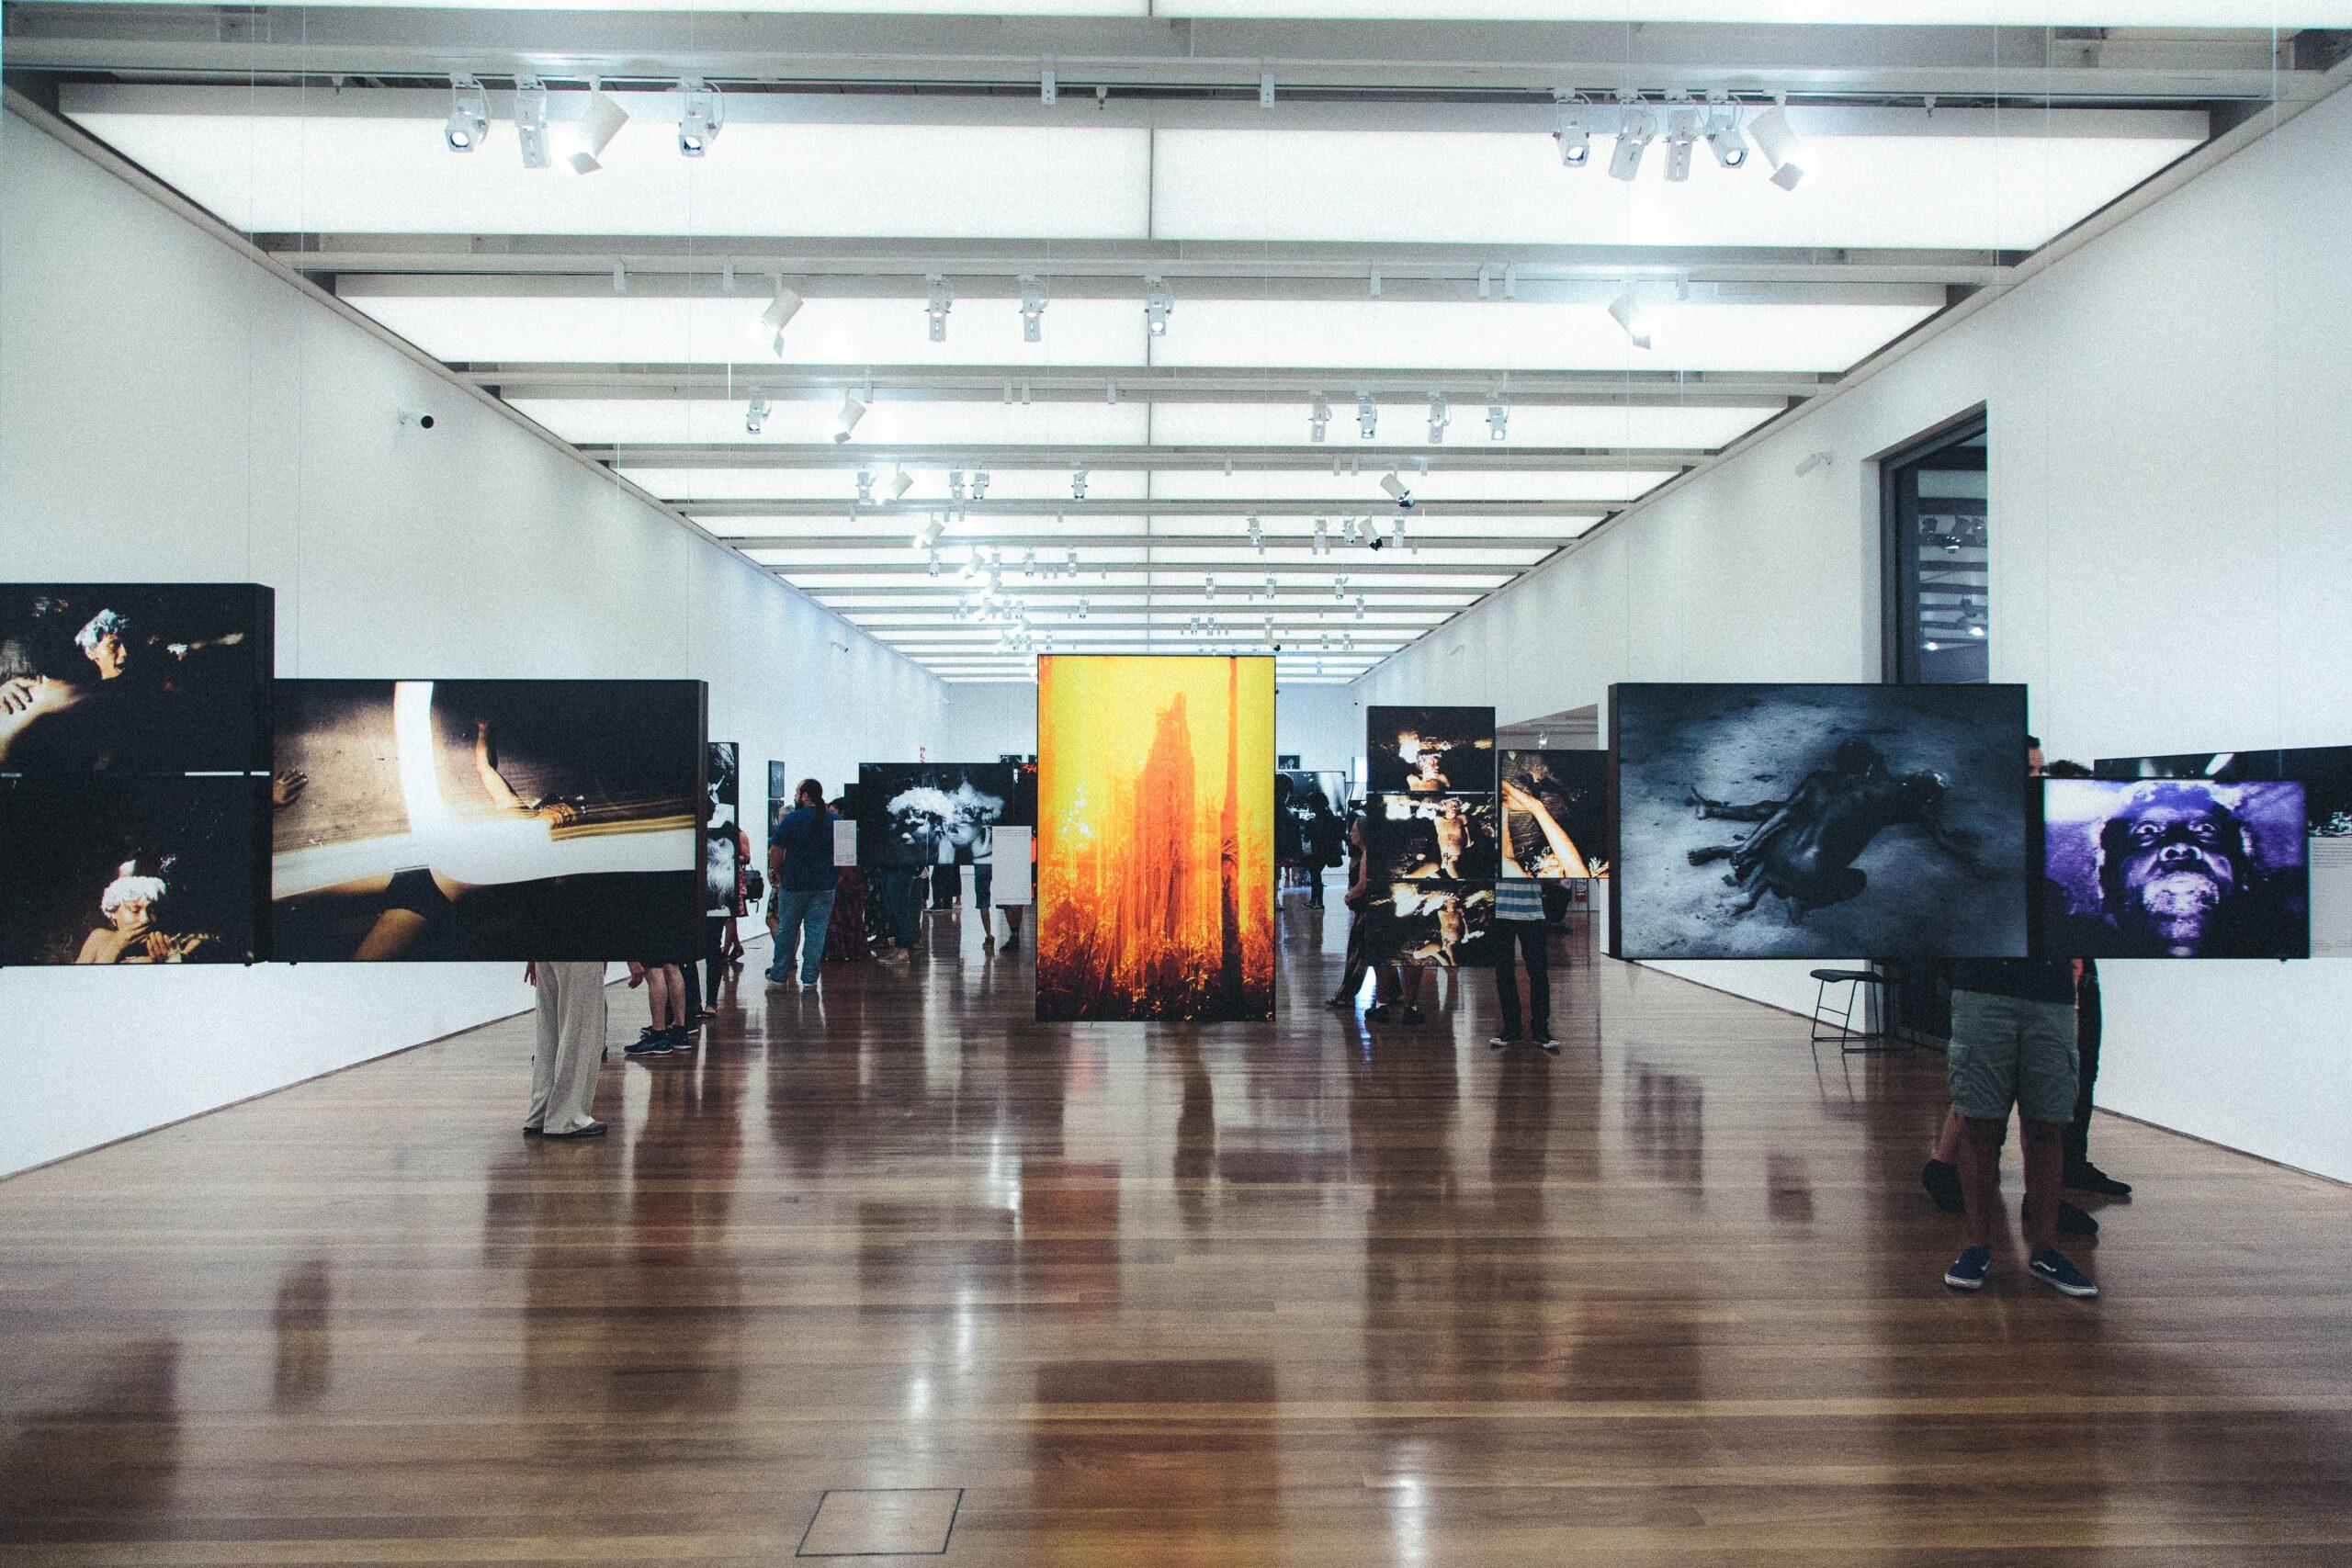 Exhibition-Gallery-Displays